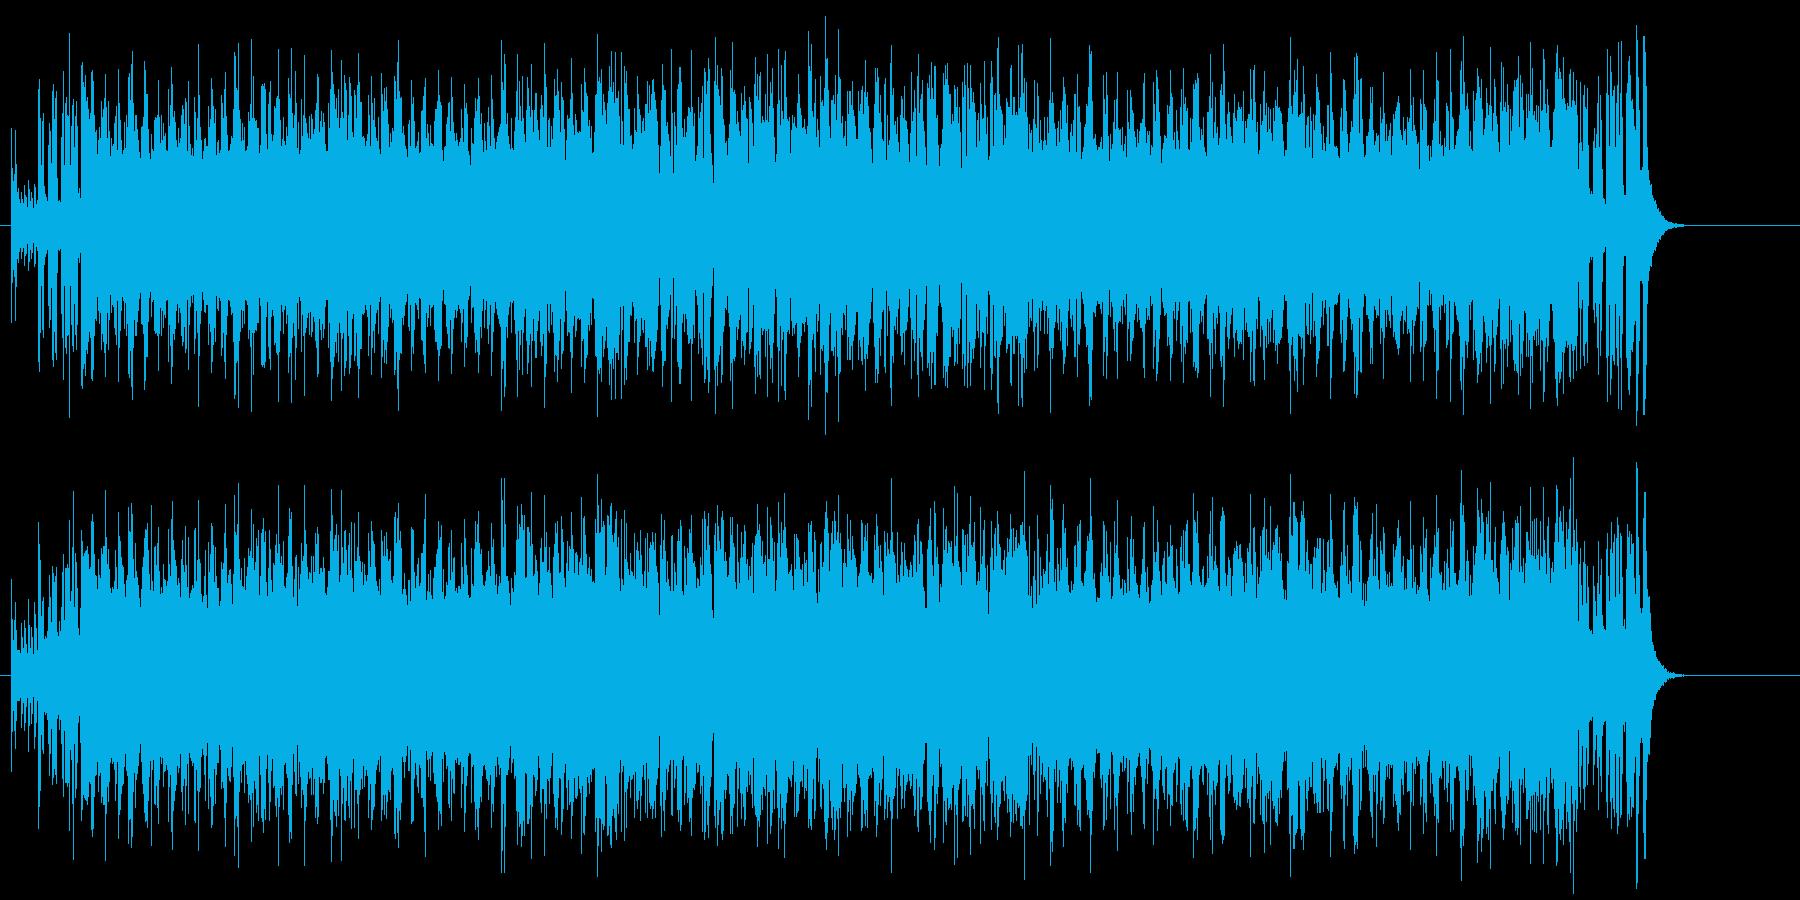 華やかでいなせなラテン・サウンドの再生済みの波形